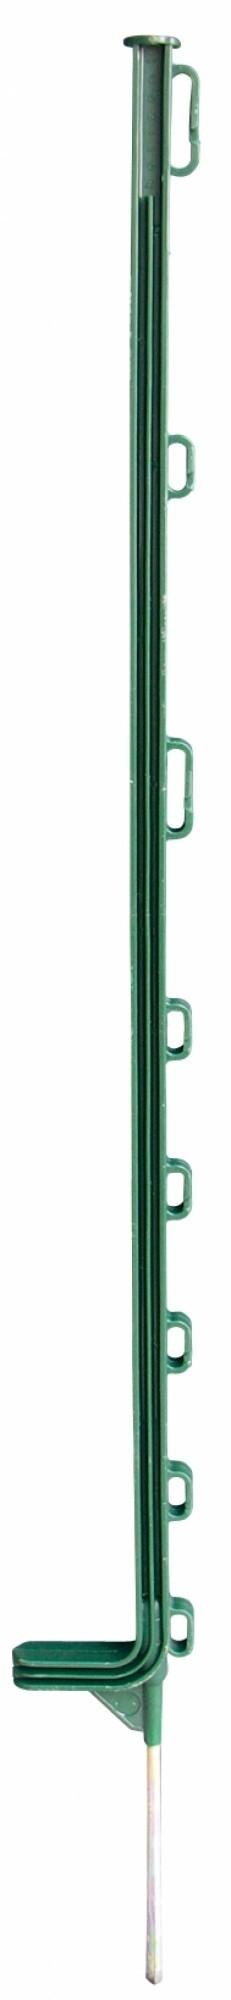 Horizont kunststof paal Extra groen 10-ogen 108cm